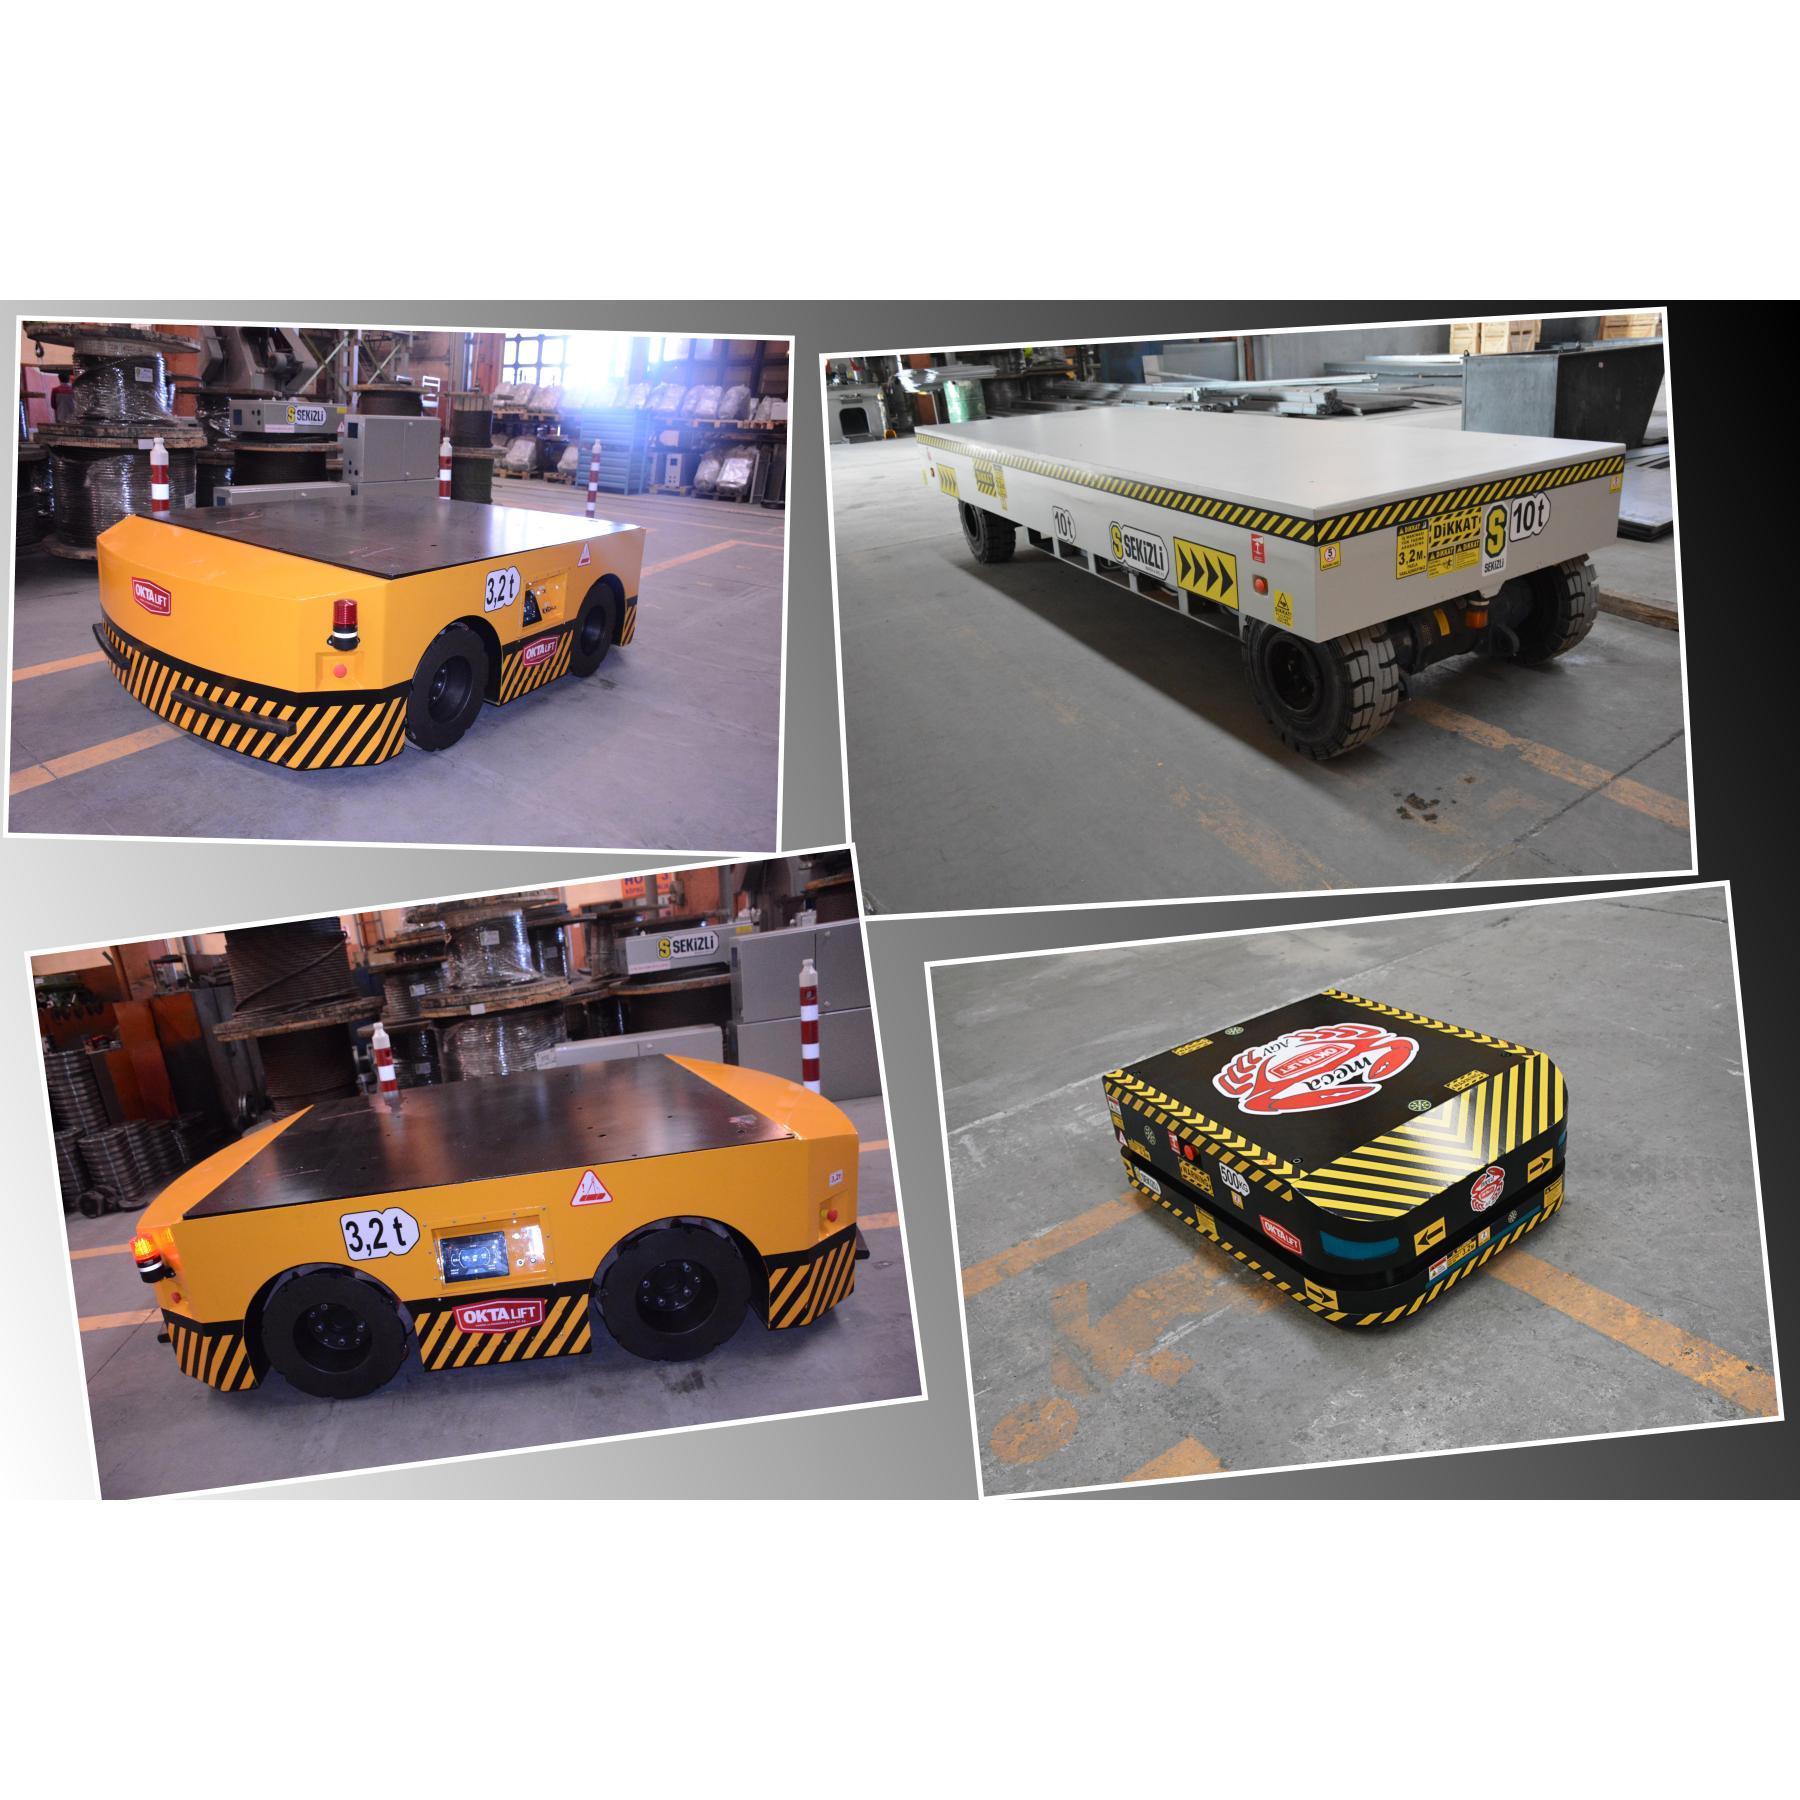 Omni roda mecanum direcional bateria alimentado sistema de elevador opcional auto-motor modular transportador spmt omni